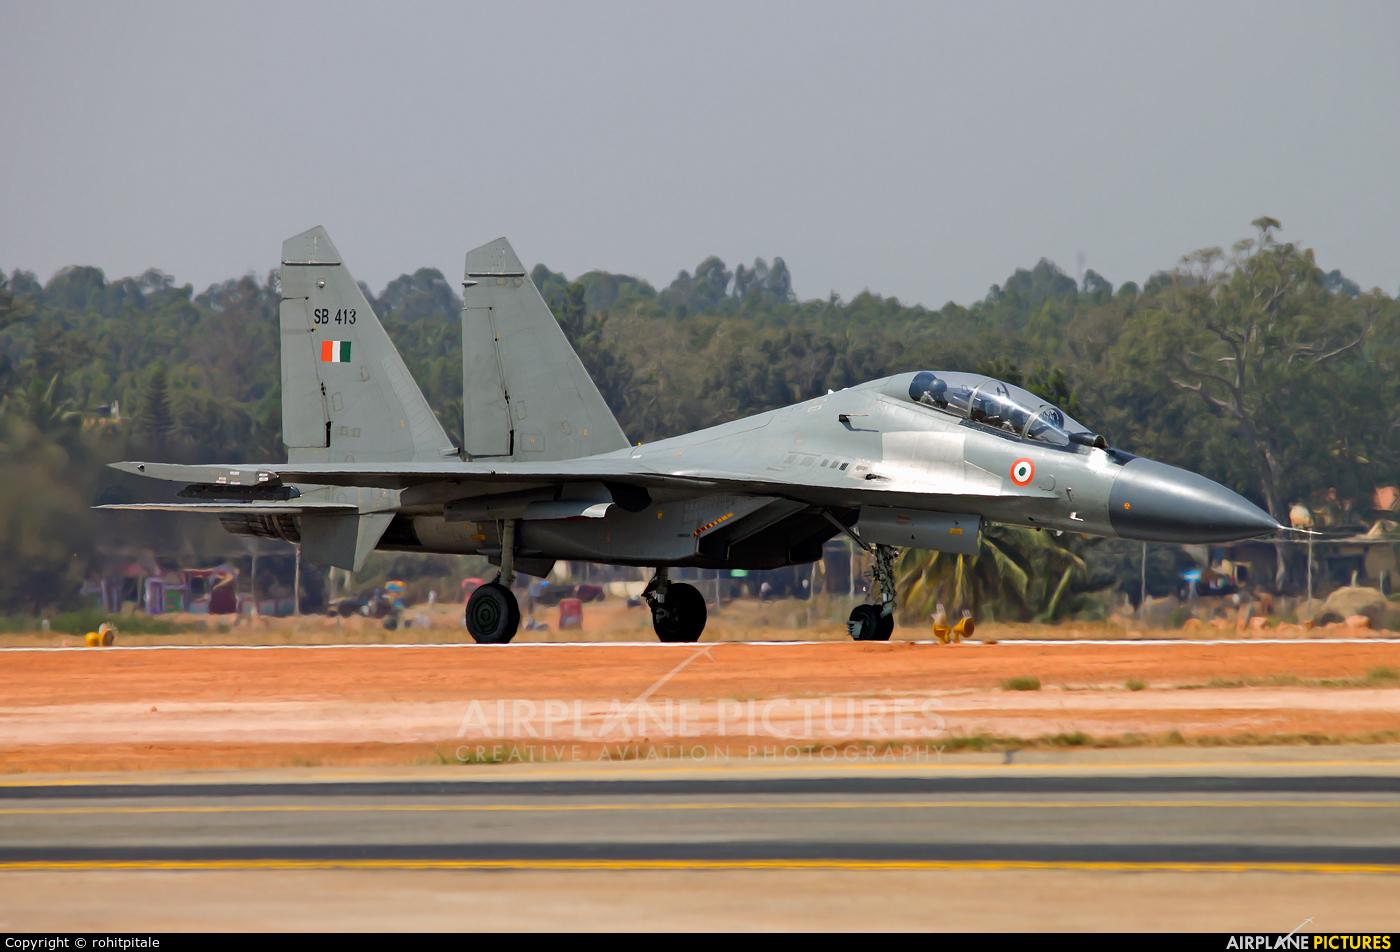 India - Air Force SB413 aircraft at Yelahanka AFB